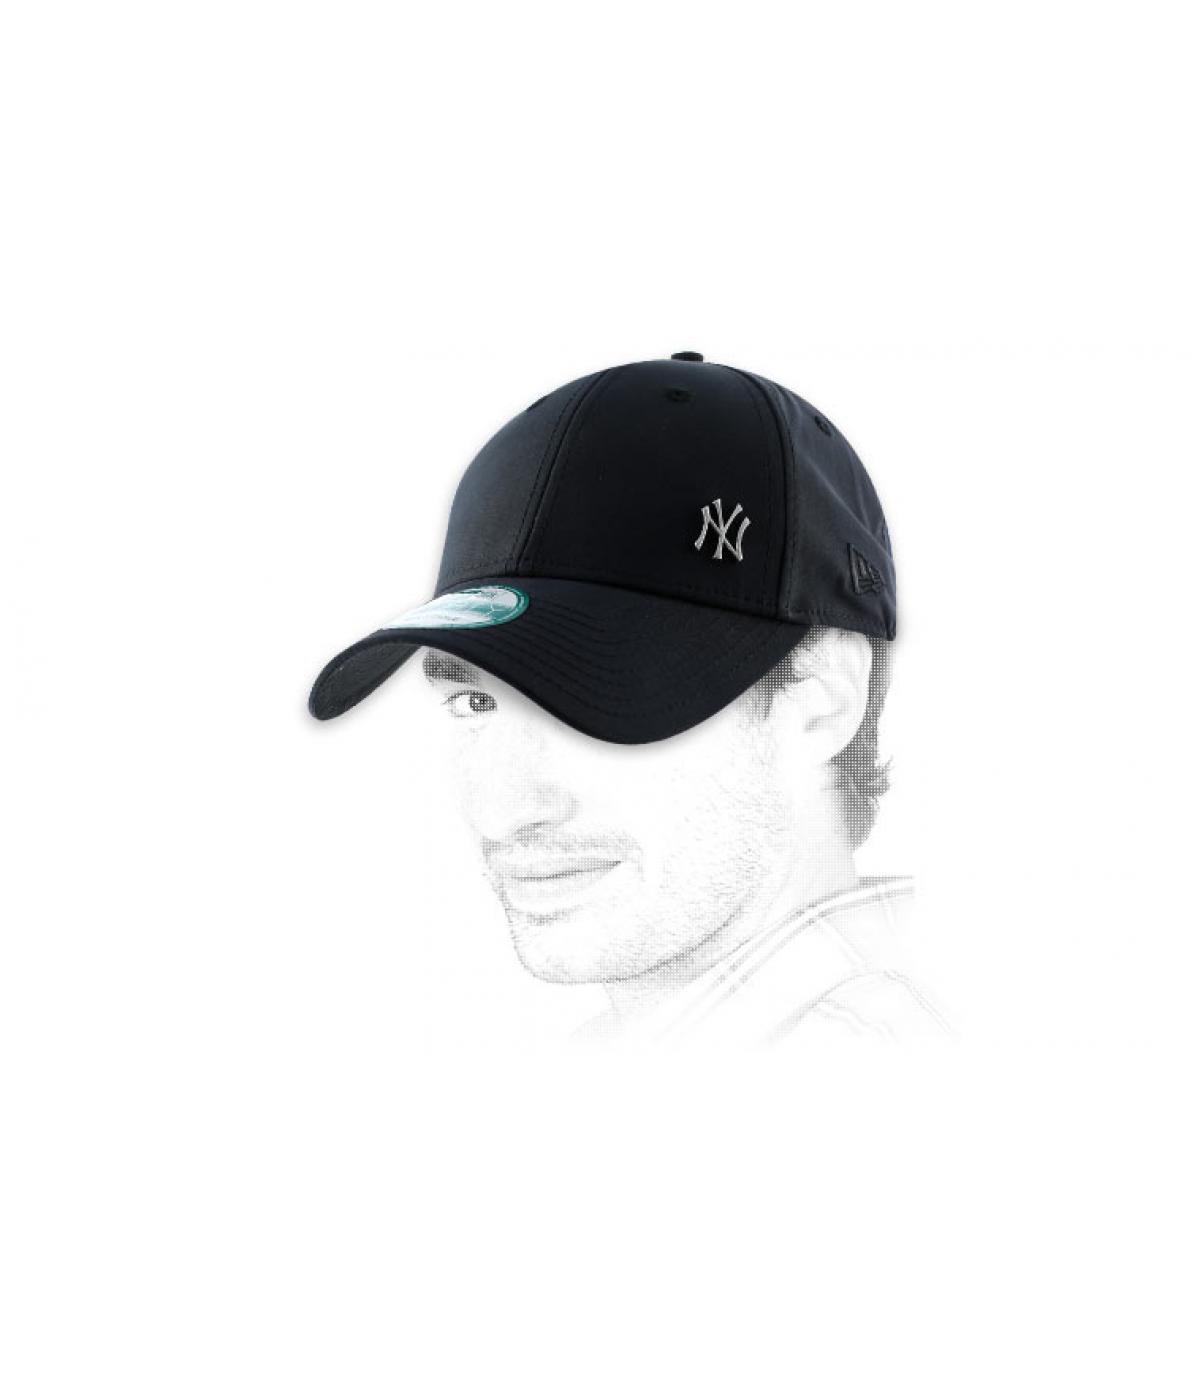 NY zwarte kap klein logo